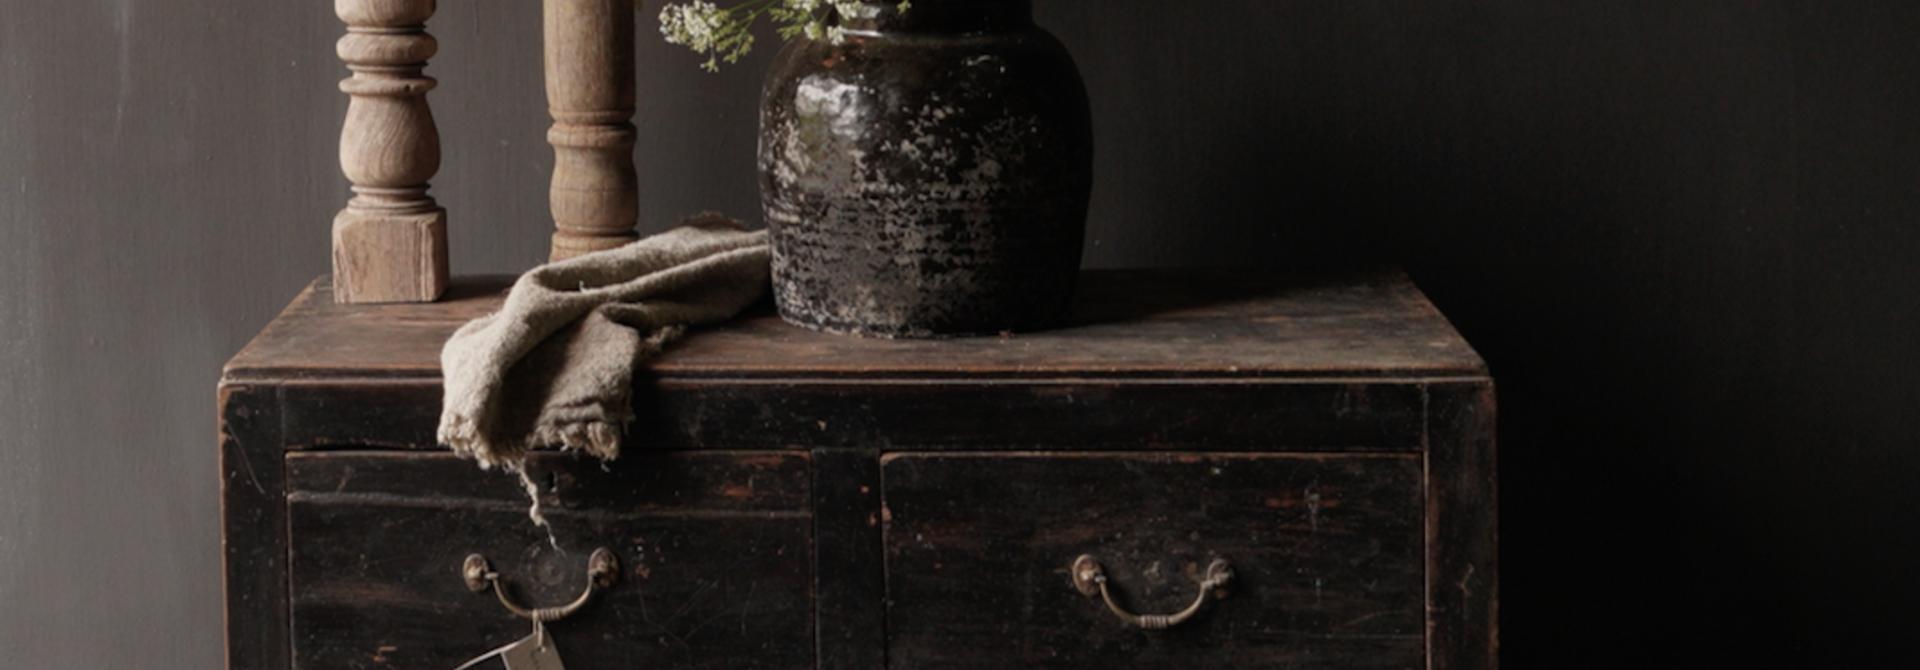 Alter authentischer Holzschrank